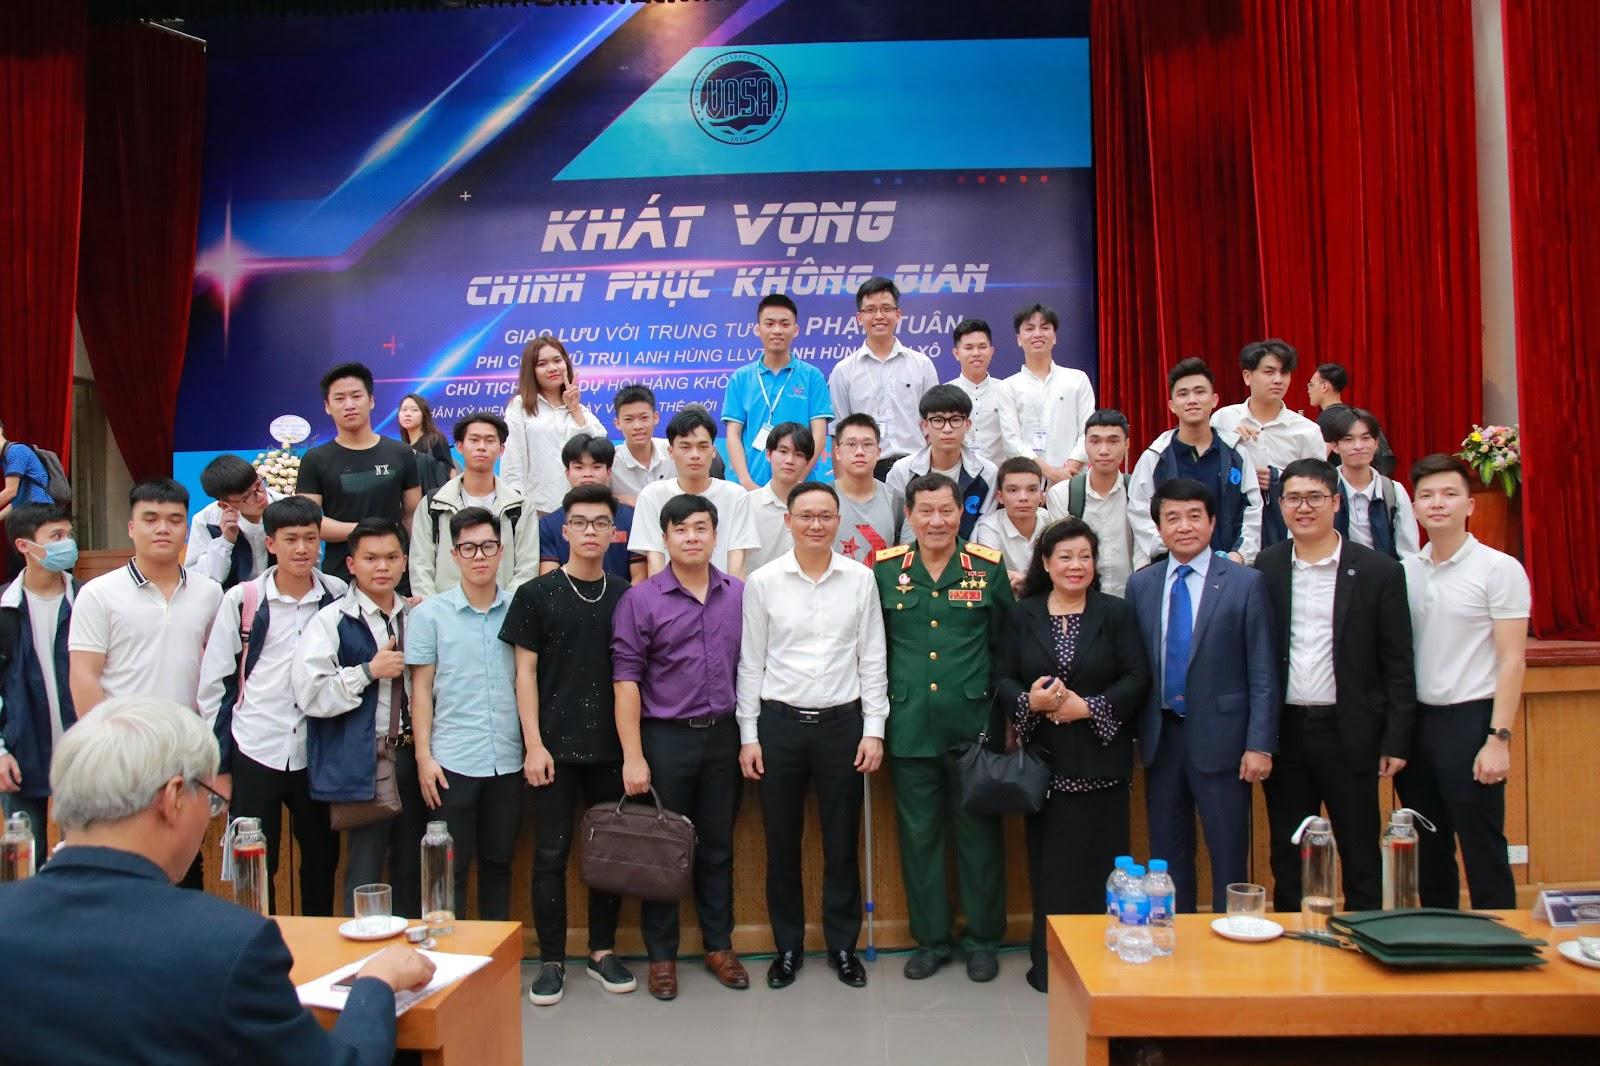 Lãnh đạo nhà trường cùng các bạn sinh viên ICTU chụp ảnh lưu niệm cùng Trung tướng Phạm Tuân